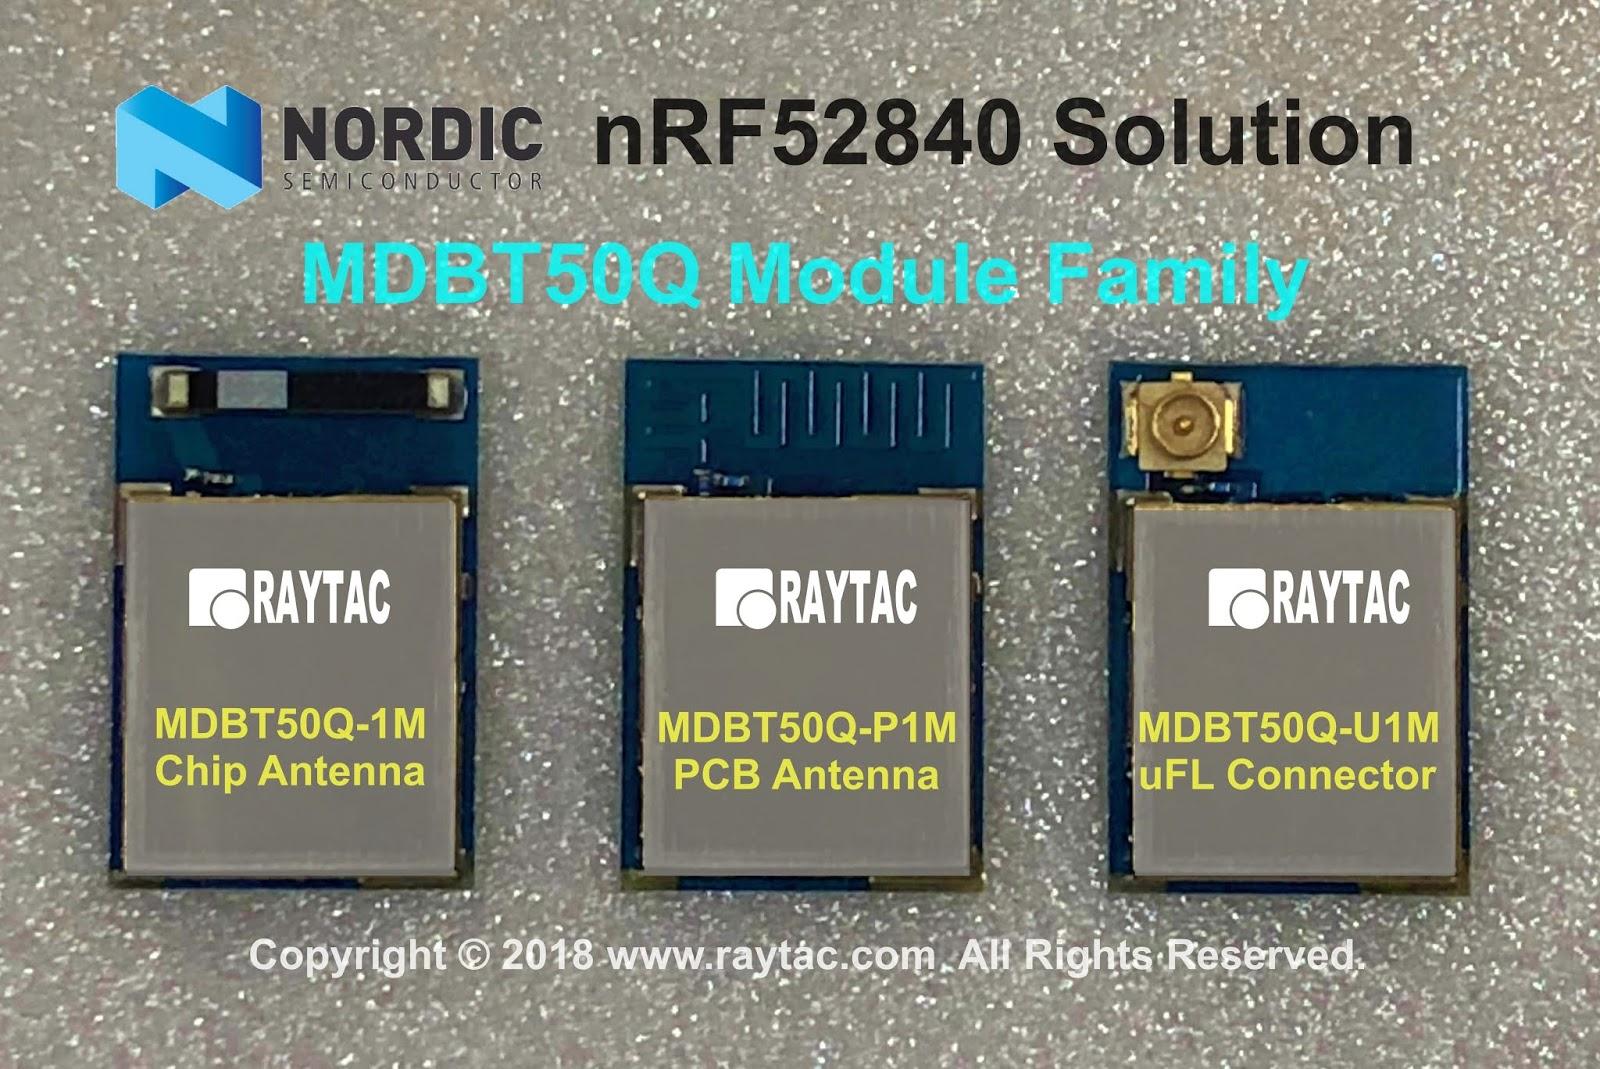 BLE & BT4.0 & BT4.1& BT4.2& BT5 Module: Raytac BT5 MDBT50Q Series ...